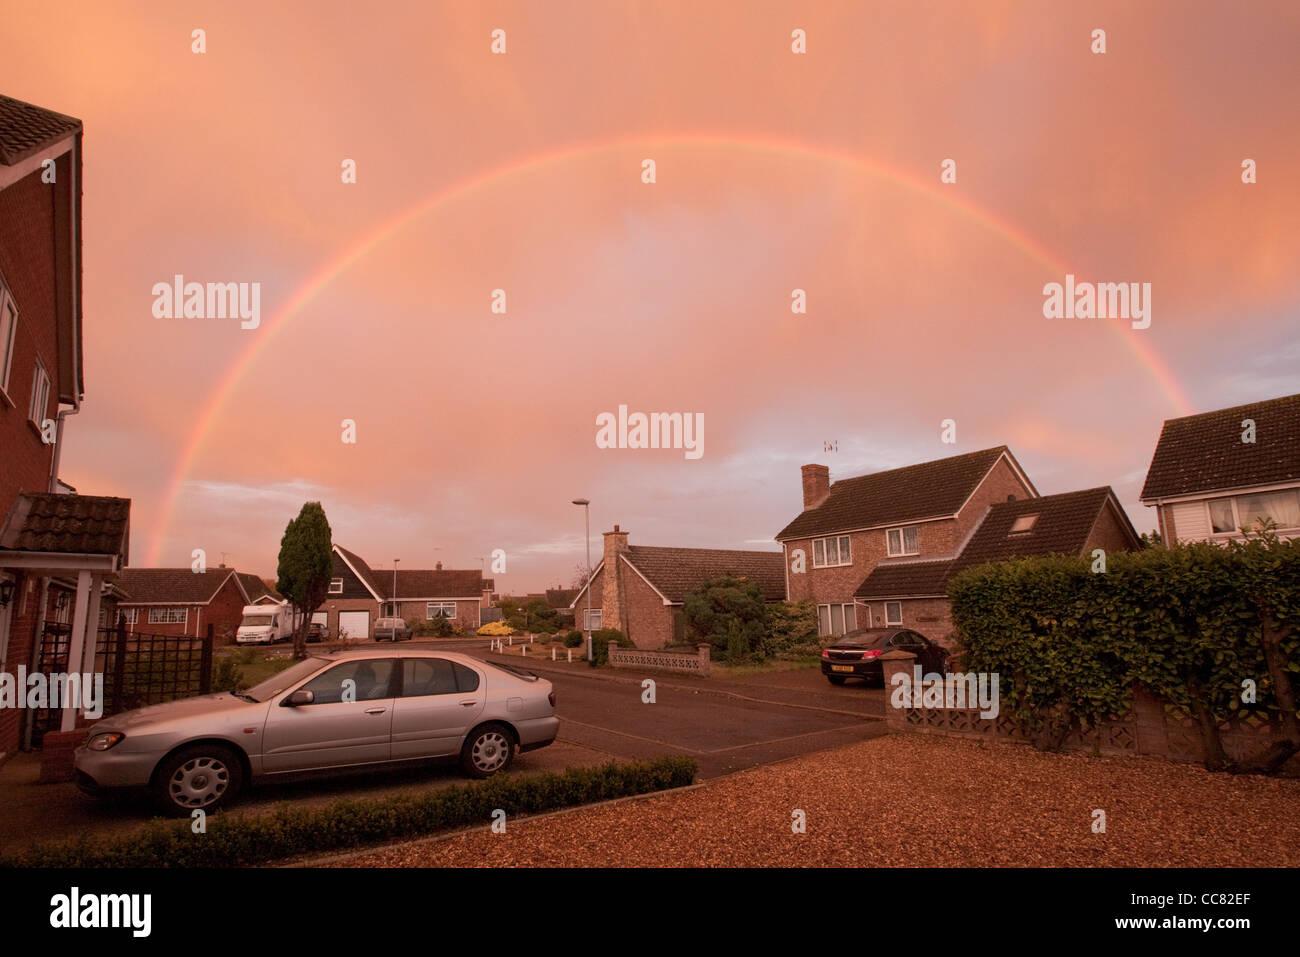 Original rot orange sky (ohne Filter) mit vollständiger Regenbogen Bogen von Freak erstellt, seltsame, ungewöhnliche Stockbild